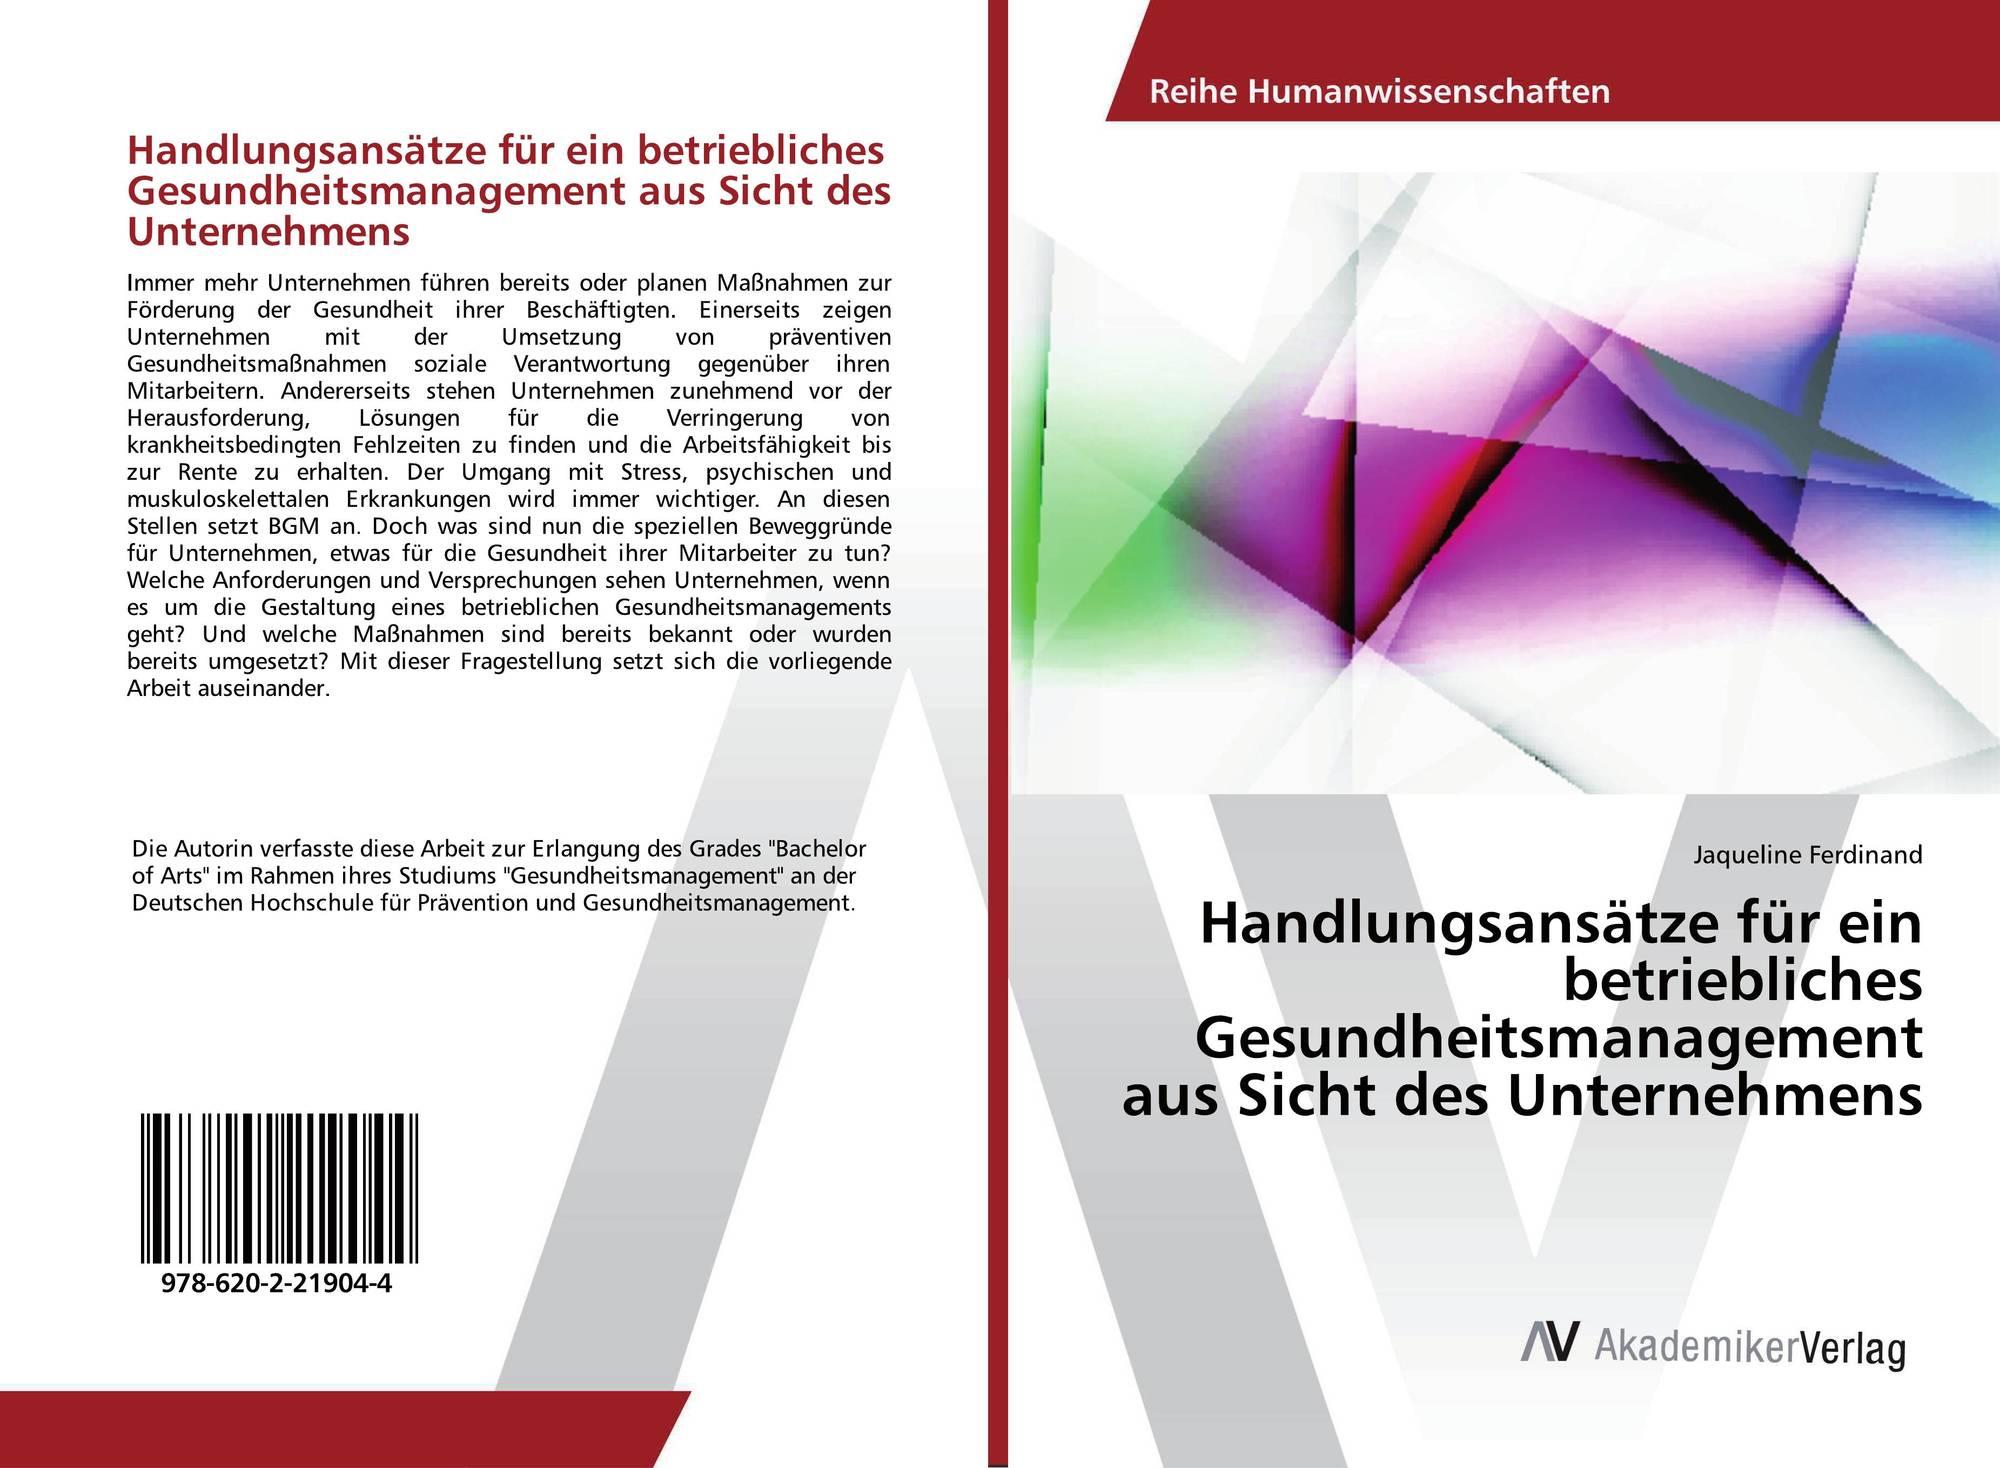 bachelor thesis betriebliches gesundheitsmanagement